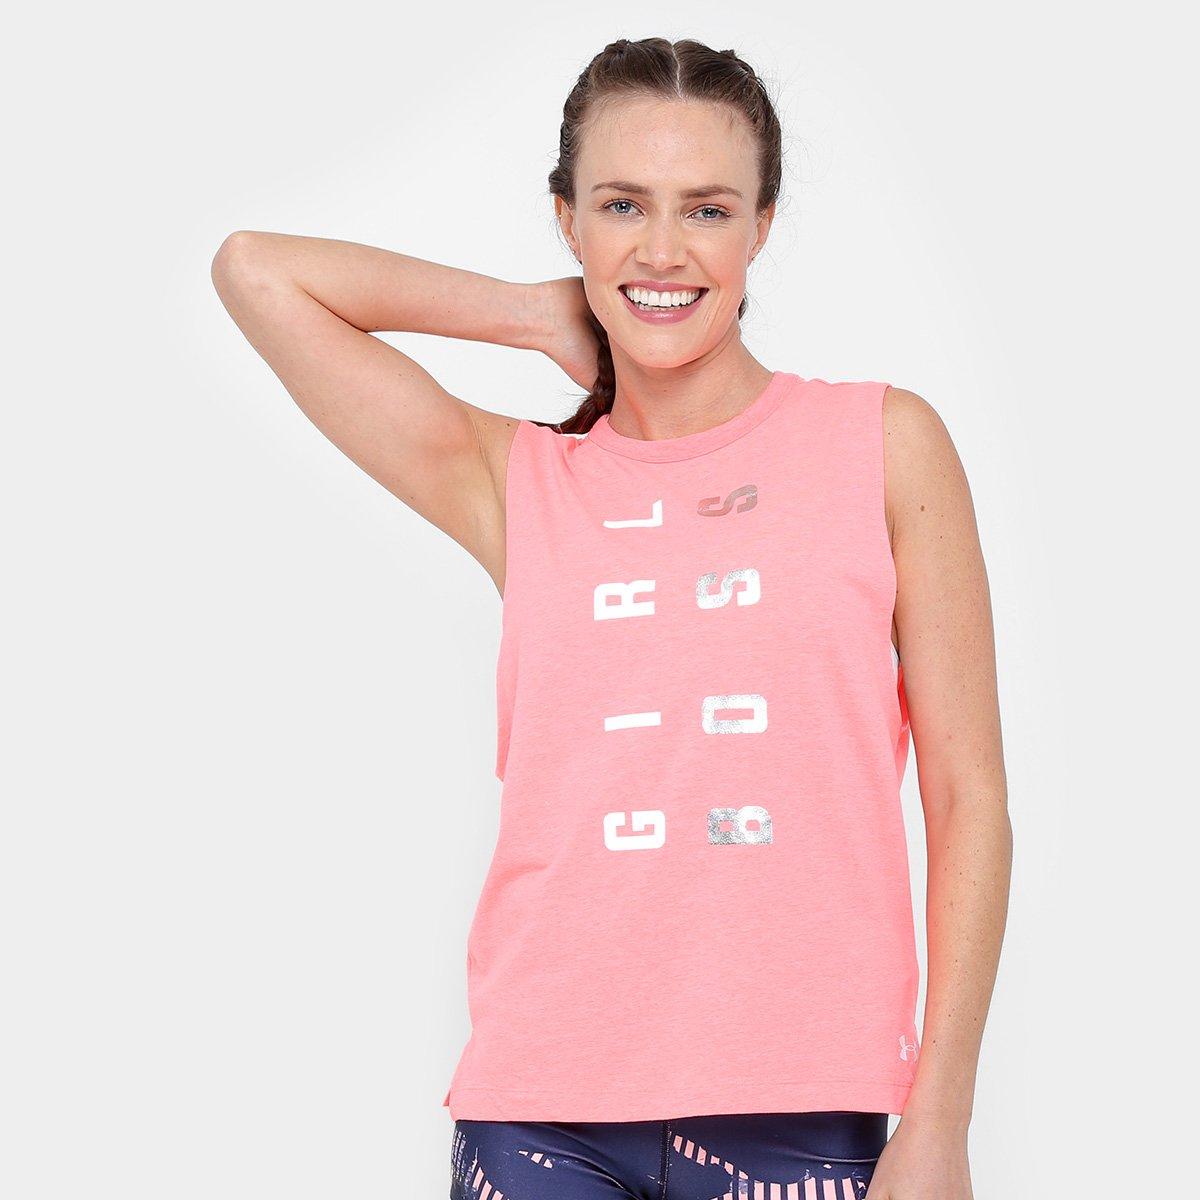 9a40310d5 Regata Under Armour Muscle Boss Feminina - Rosa e Branco - Compre Agora |  Allianz Parque Shop